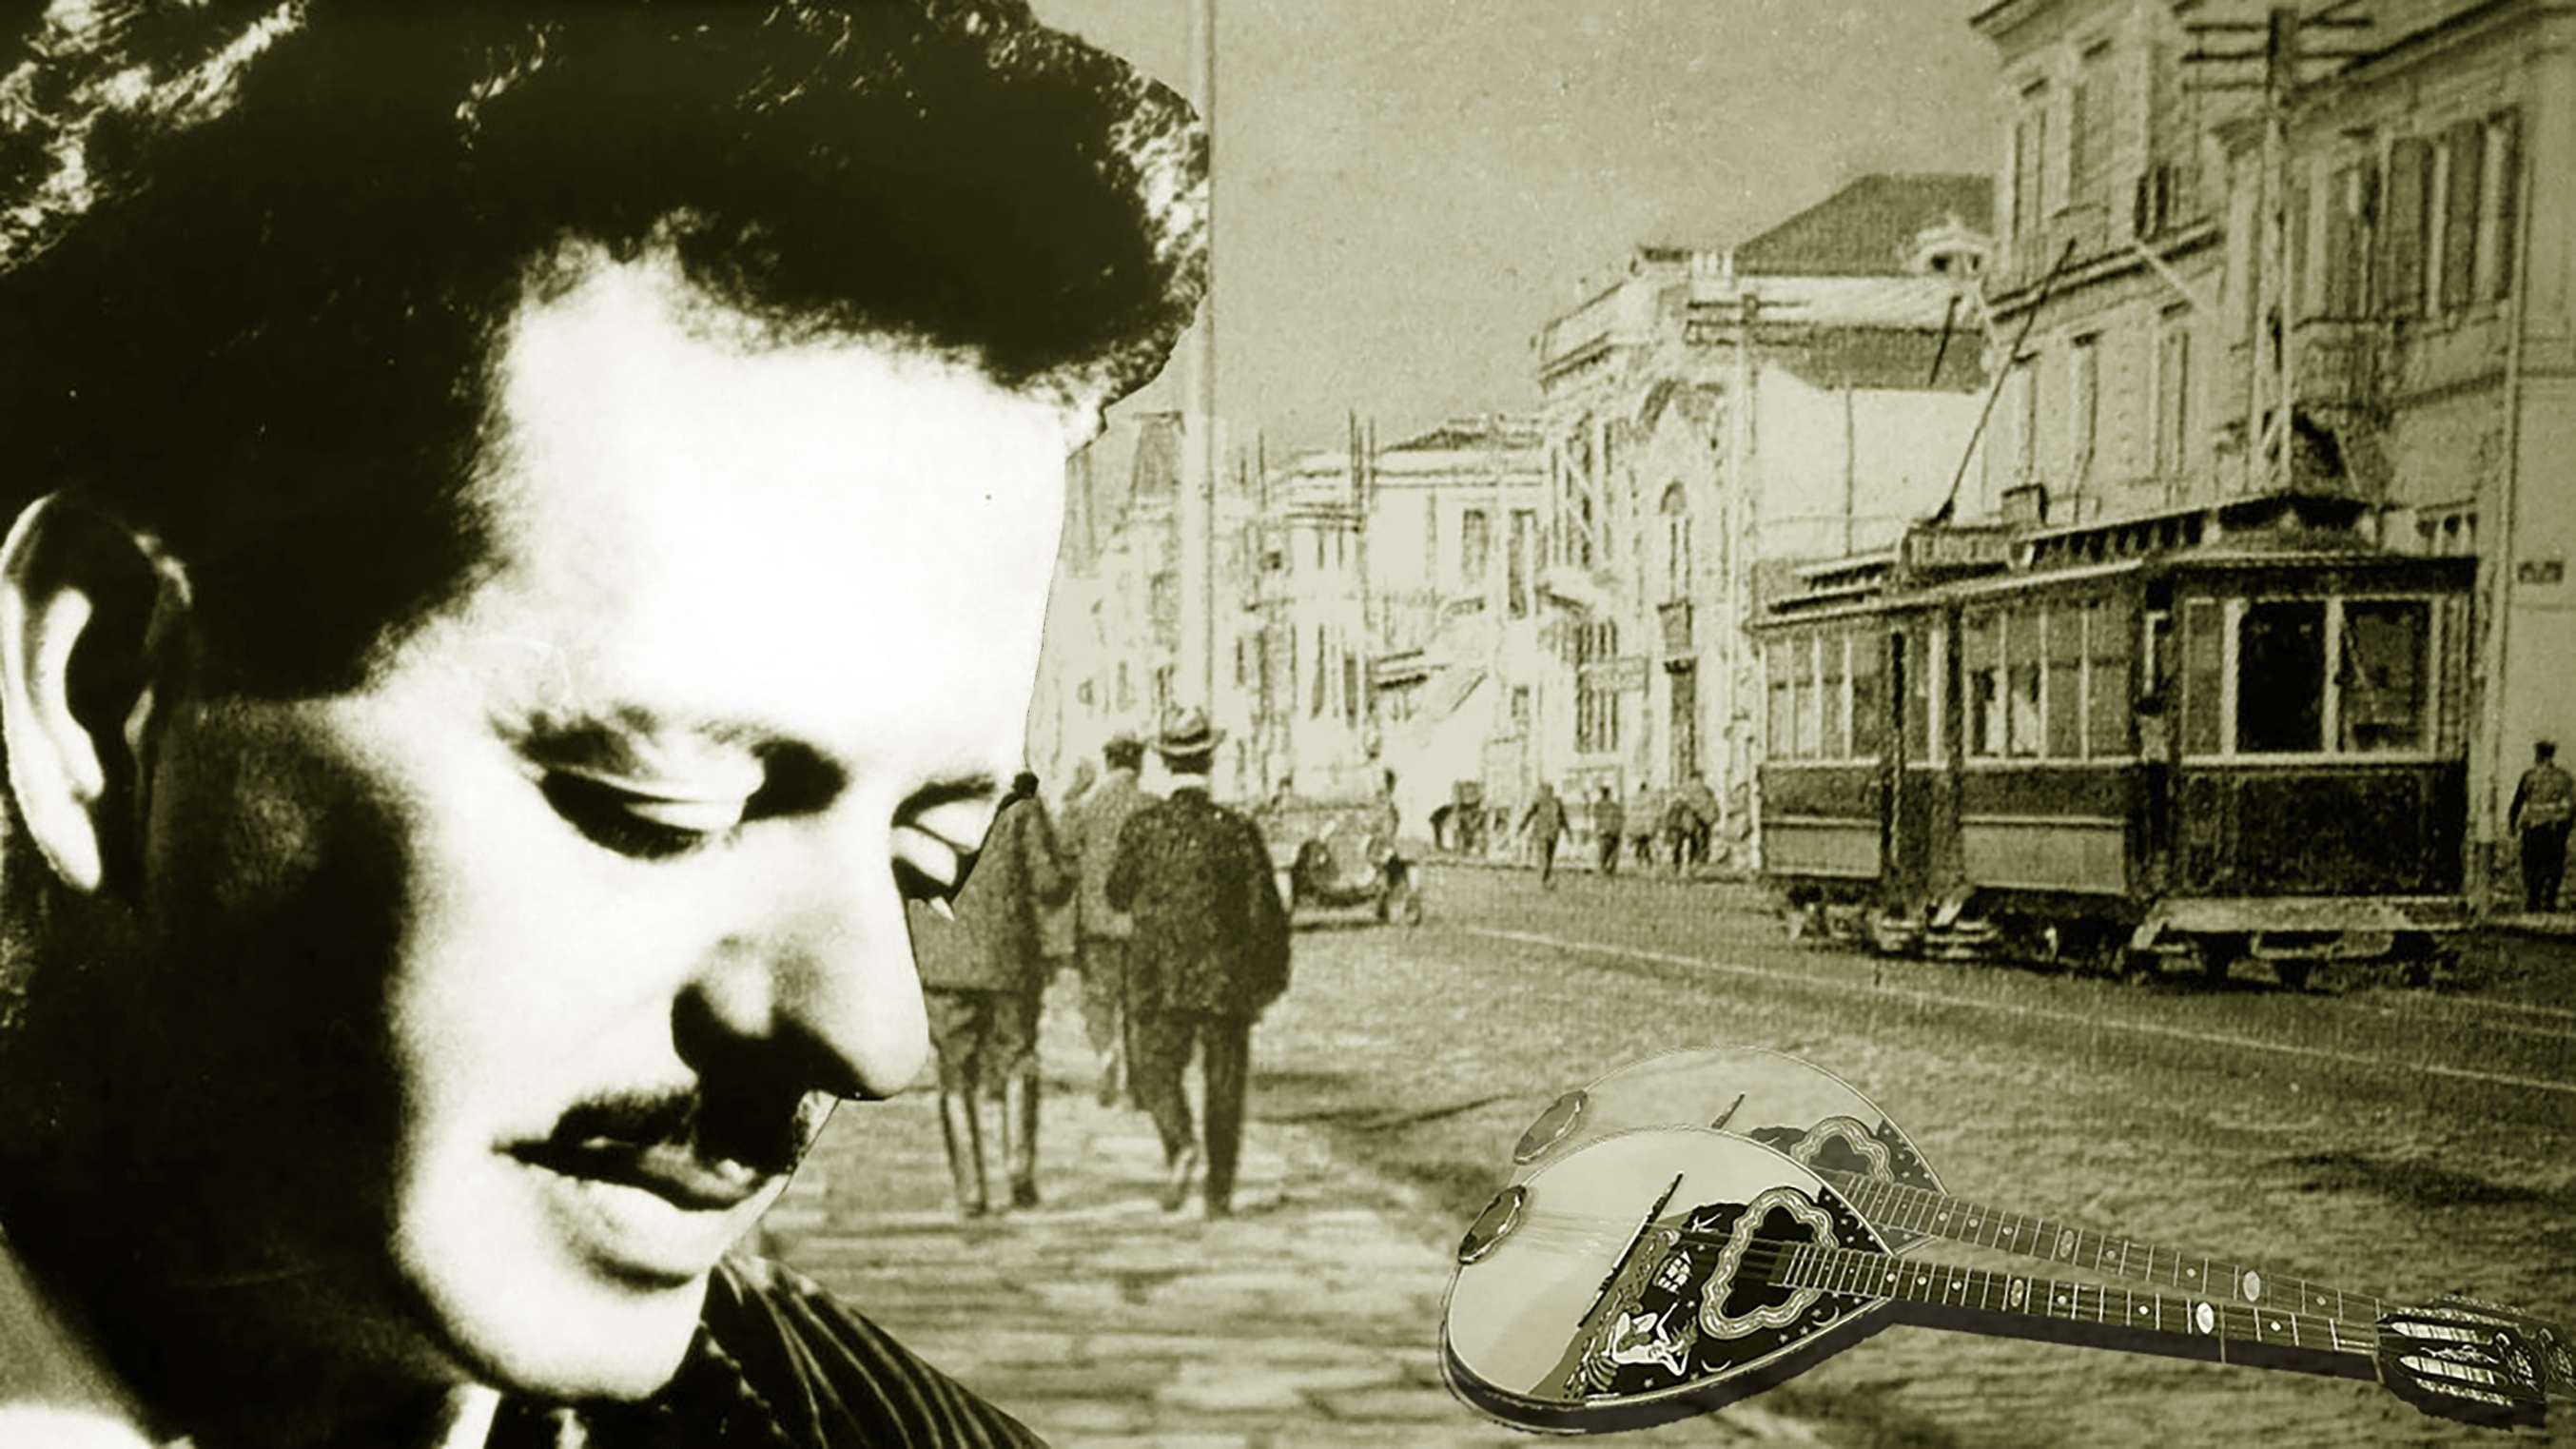 Βασίλης Τσιτσάνης Vasilis Tsitsanis